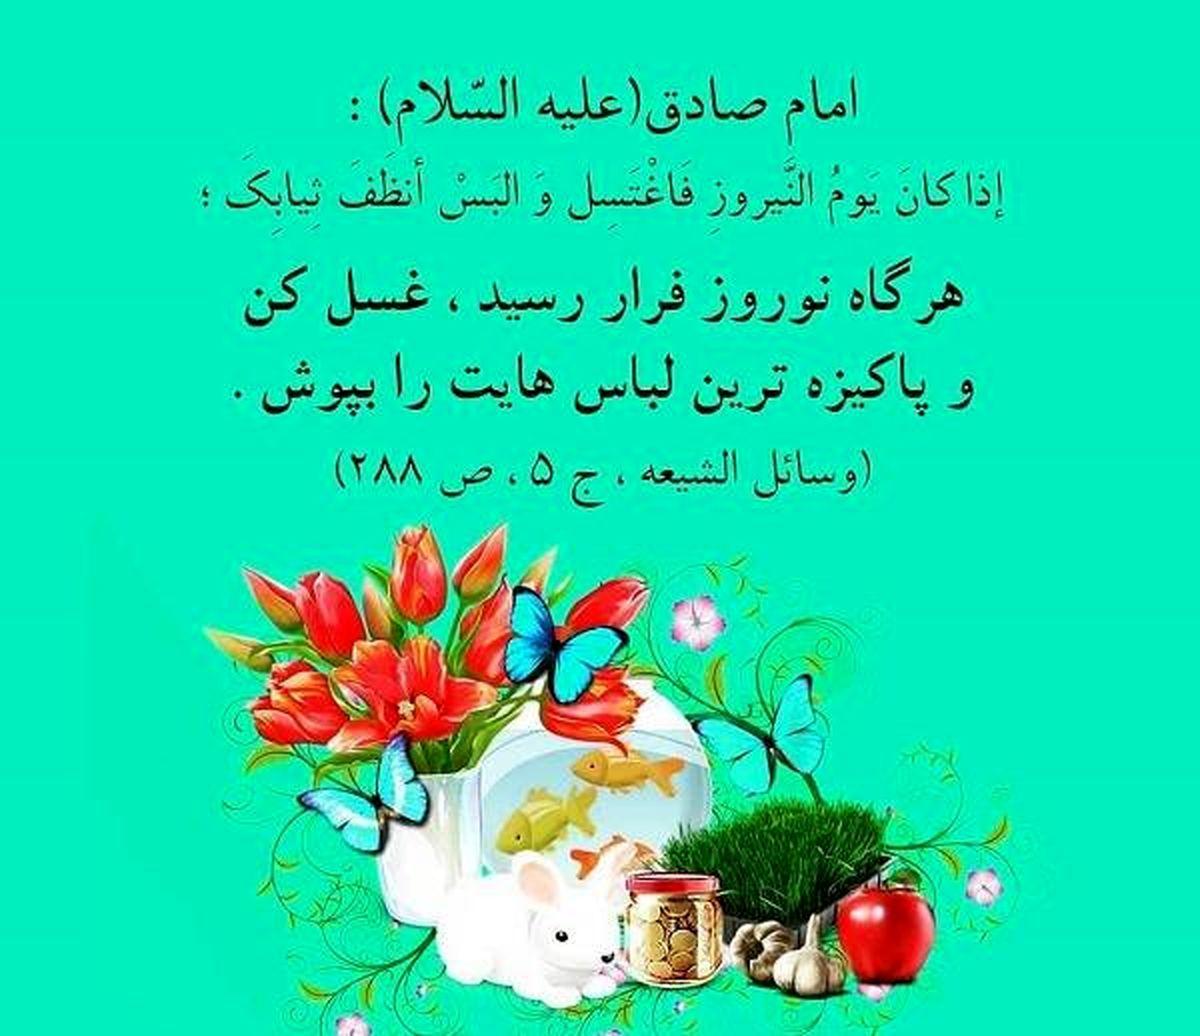 حدیث امام صادق (ع) در مورد عید نوروز